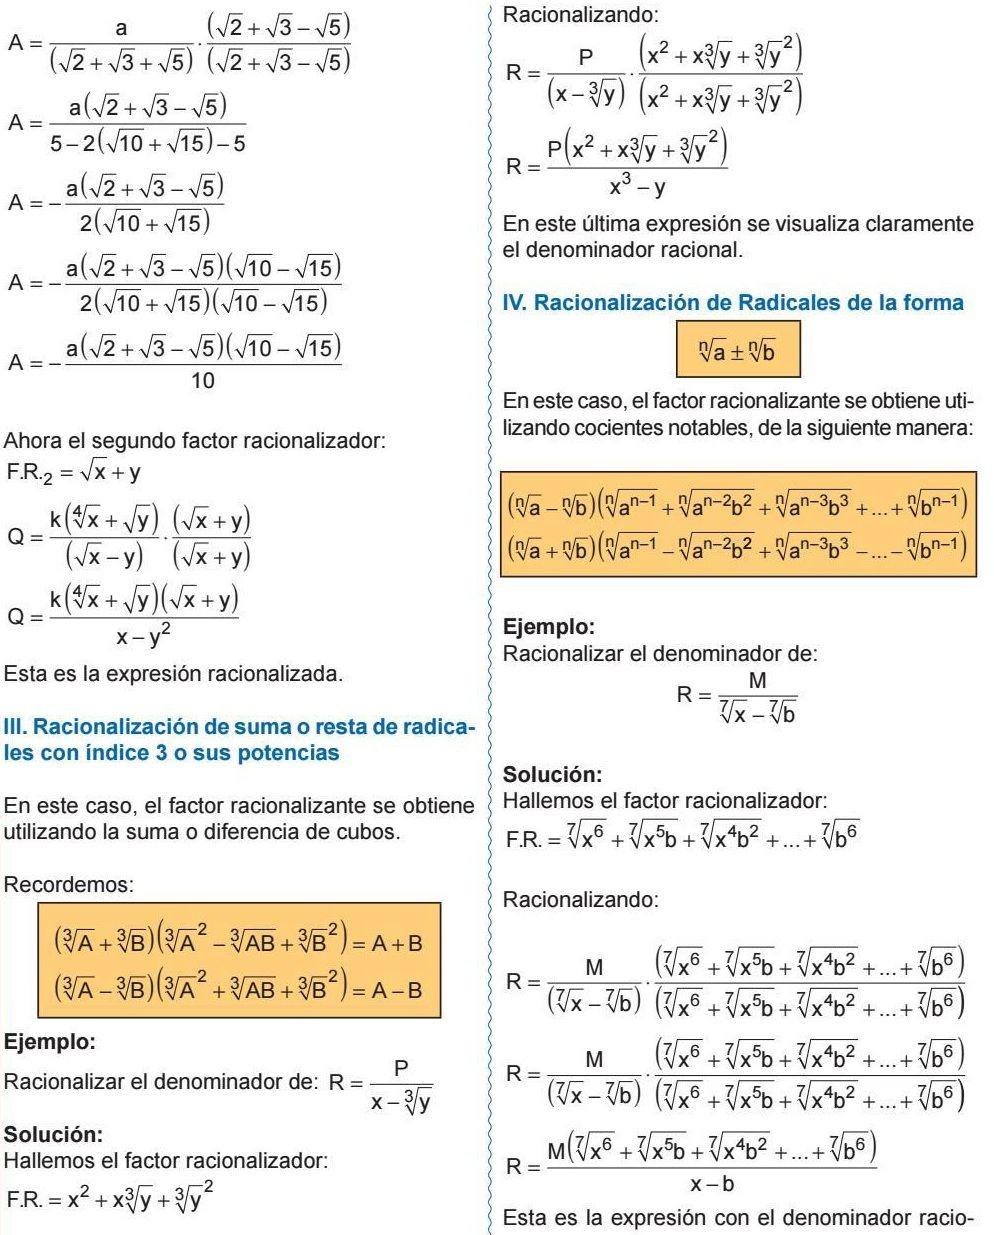 Racionalización De Suma O Resta De Radicales Con índice 3 O Sus Potencias Racionalización De Radicales De La Forma Geometry Problems Algebra Math